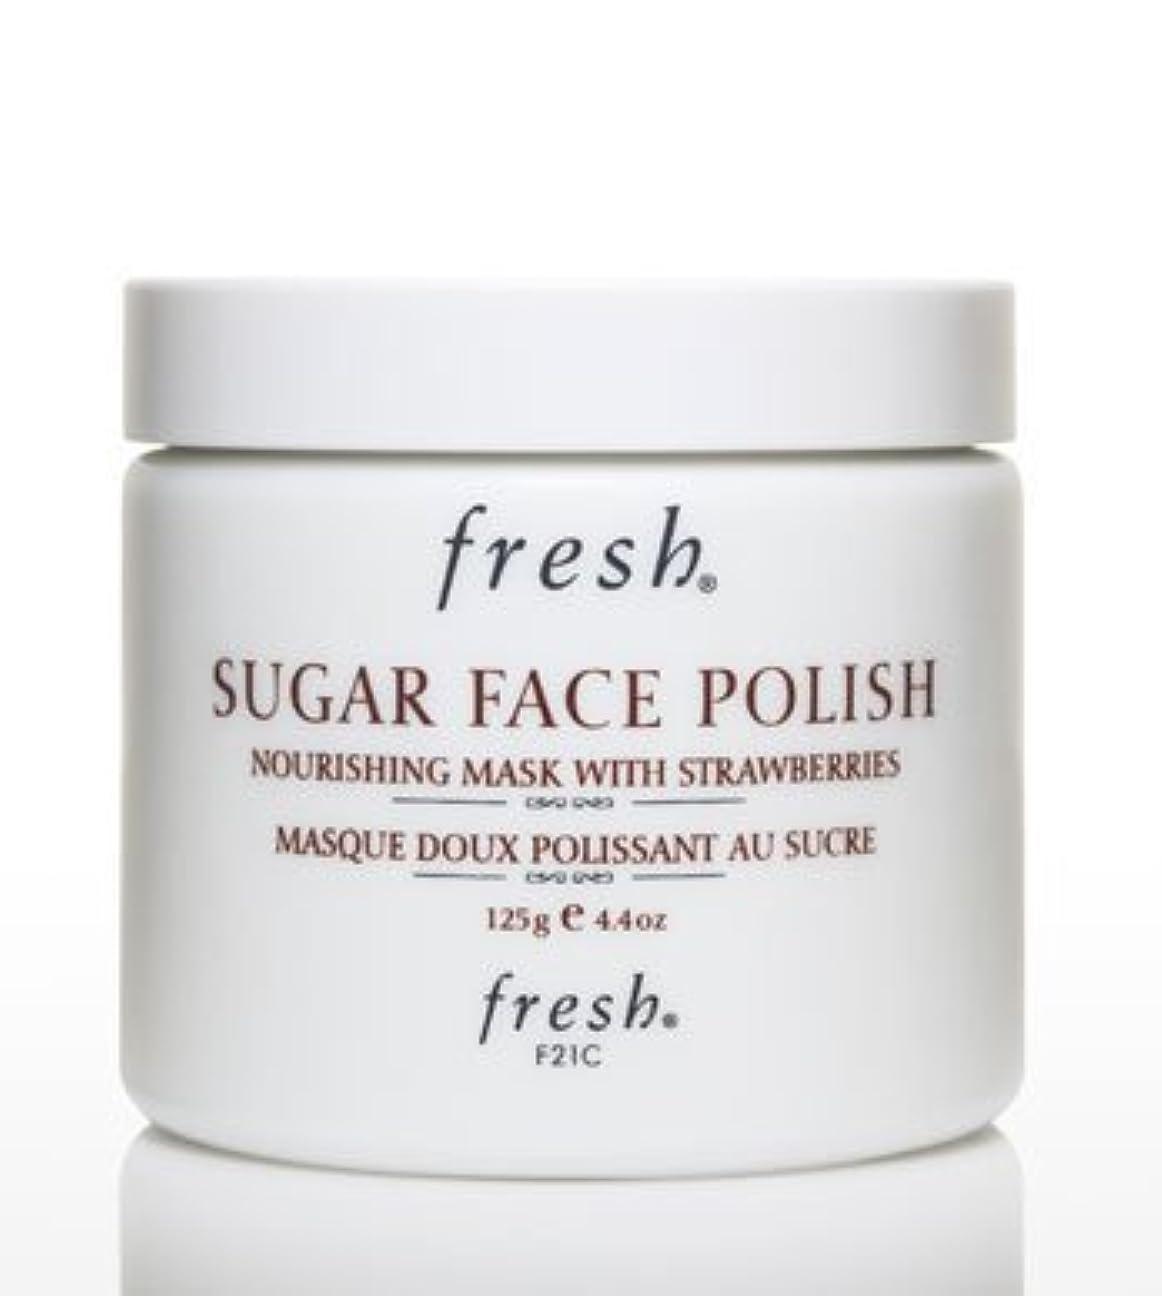 妻ディベートうまれたFresh SUGAR FACE POLISH (フレッシュ シュガーフェイスポリッシュ) 4.2 oz (125g) by Fresh for Women